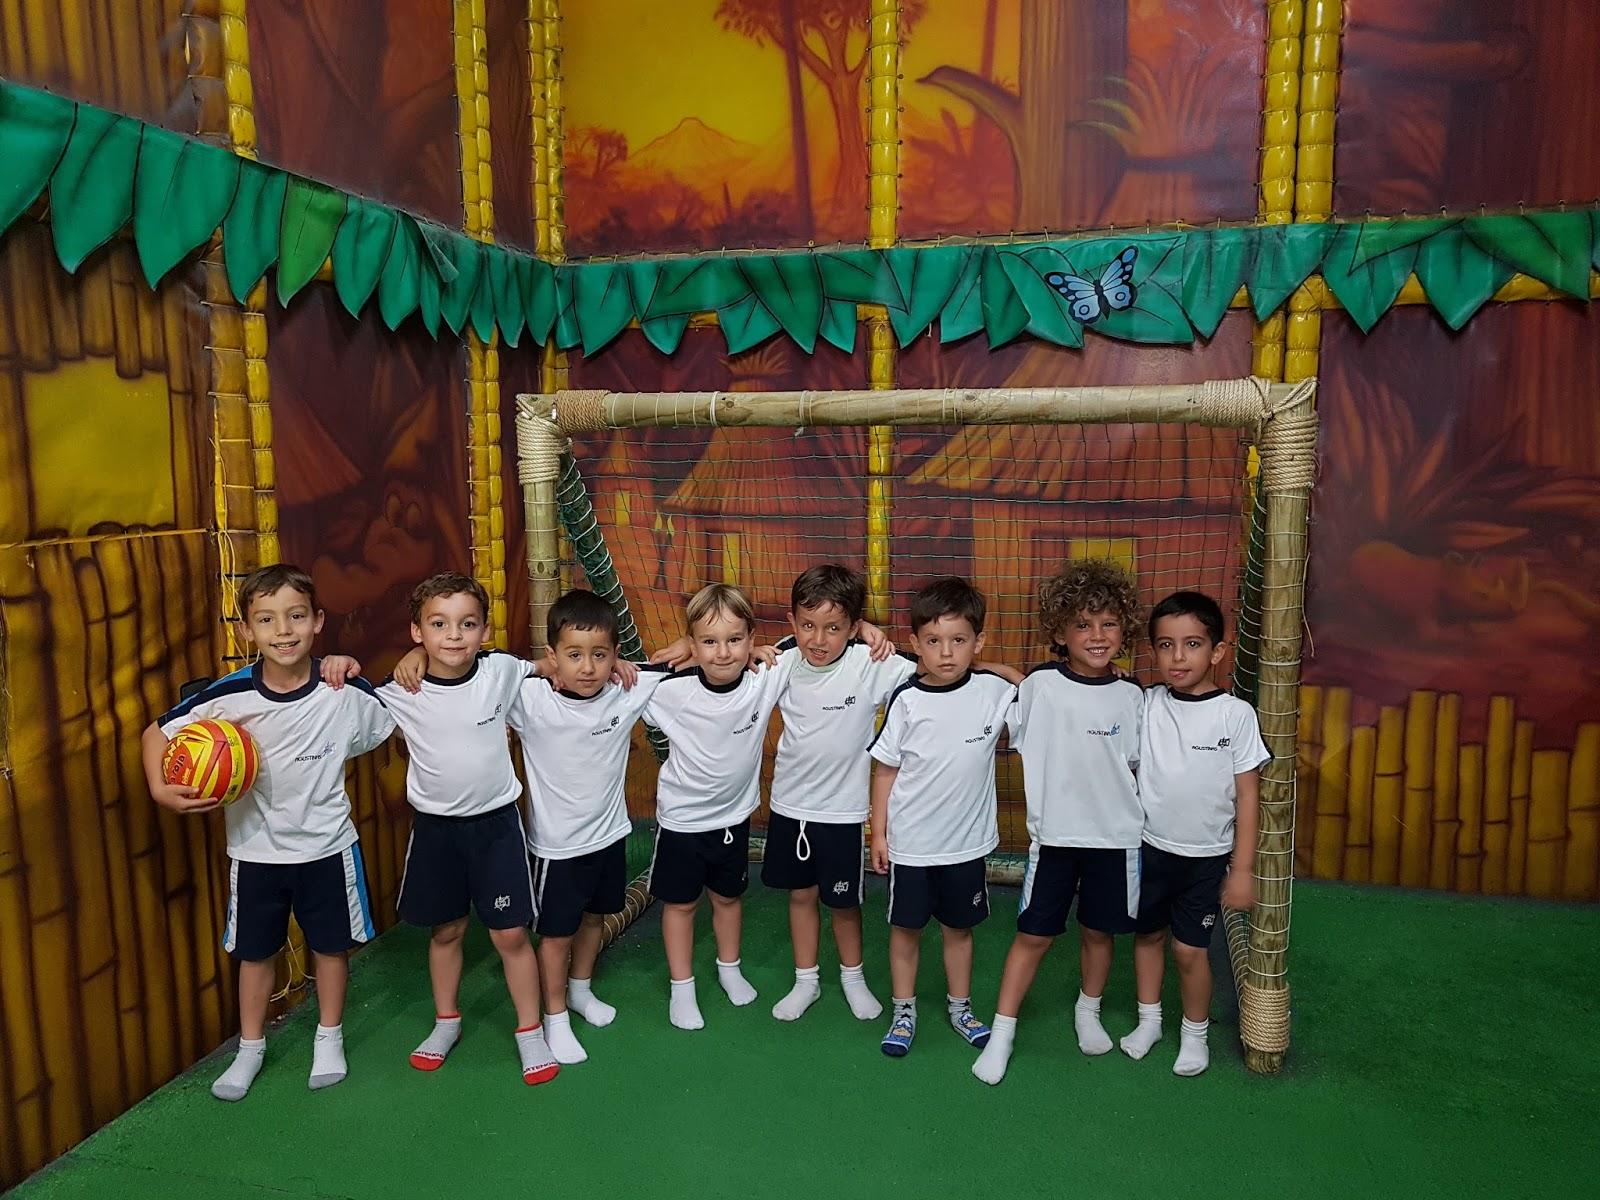 Agustinas Valladolid - 2017 - Infantil 5 - Indina Bill